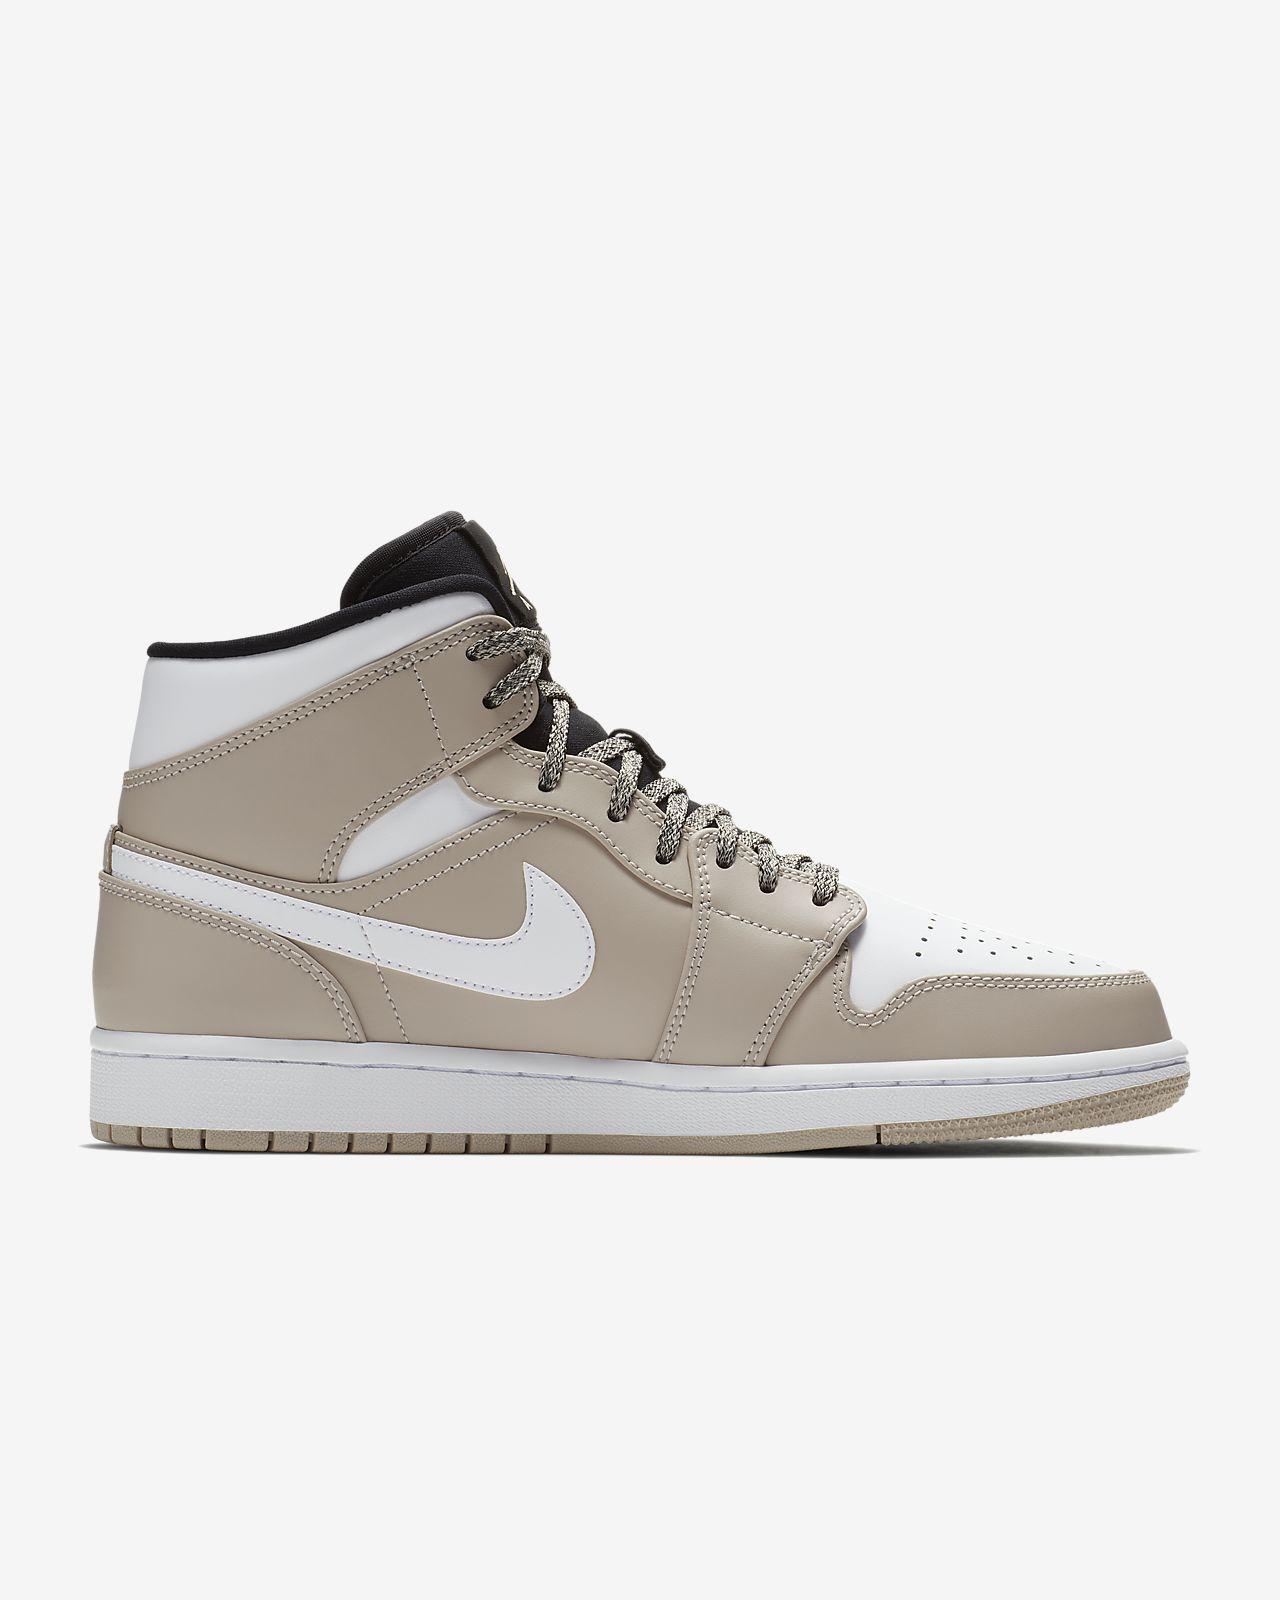 ... Air Jordan 1 Mid Men's Shoe